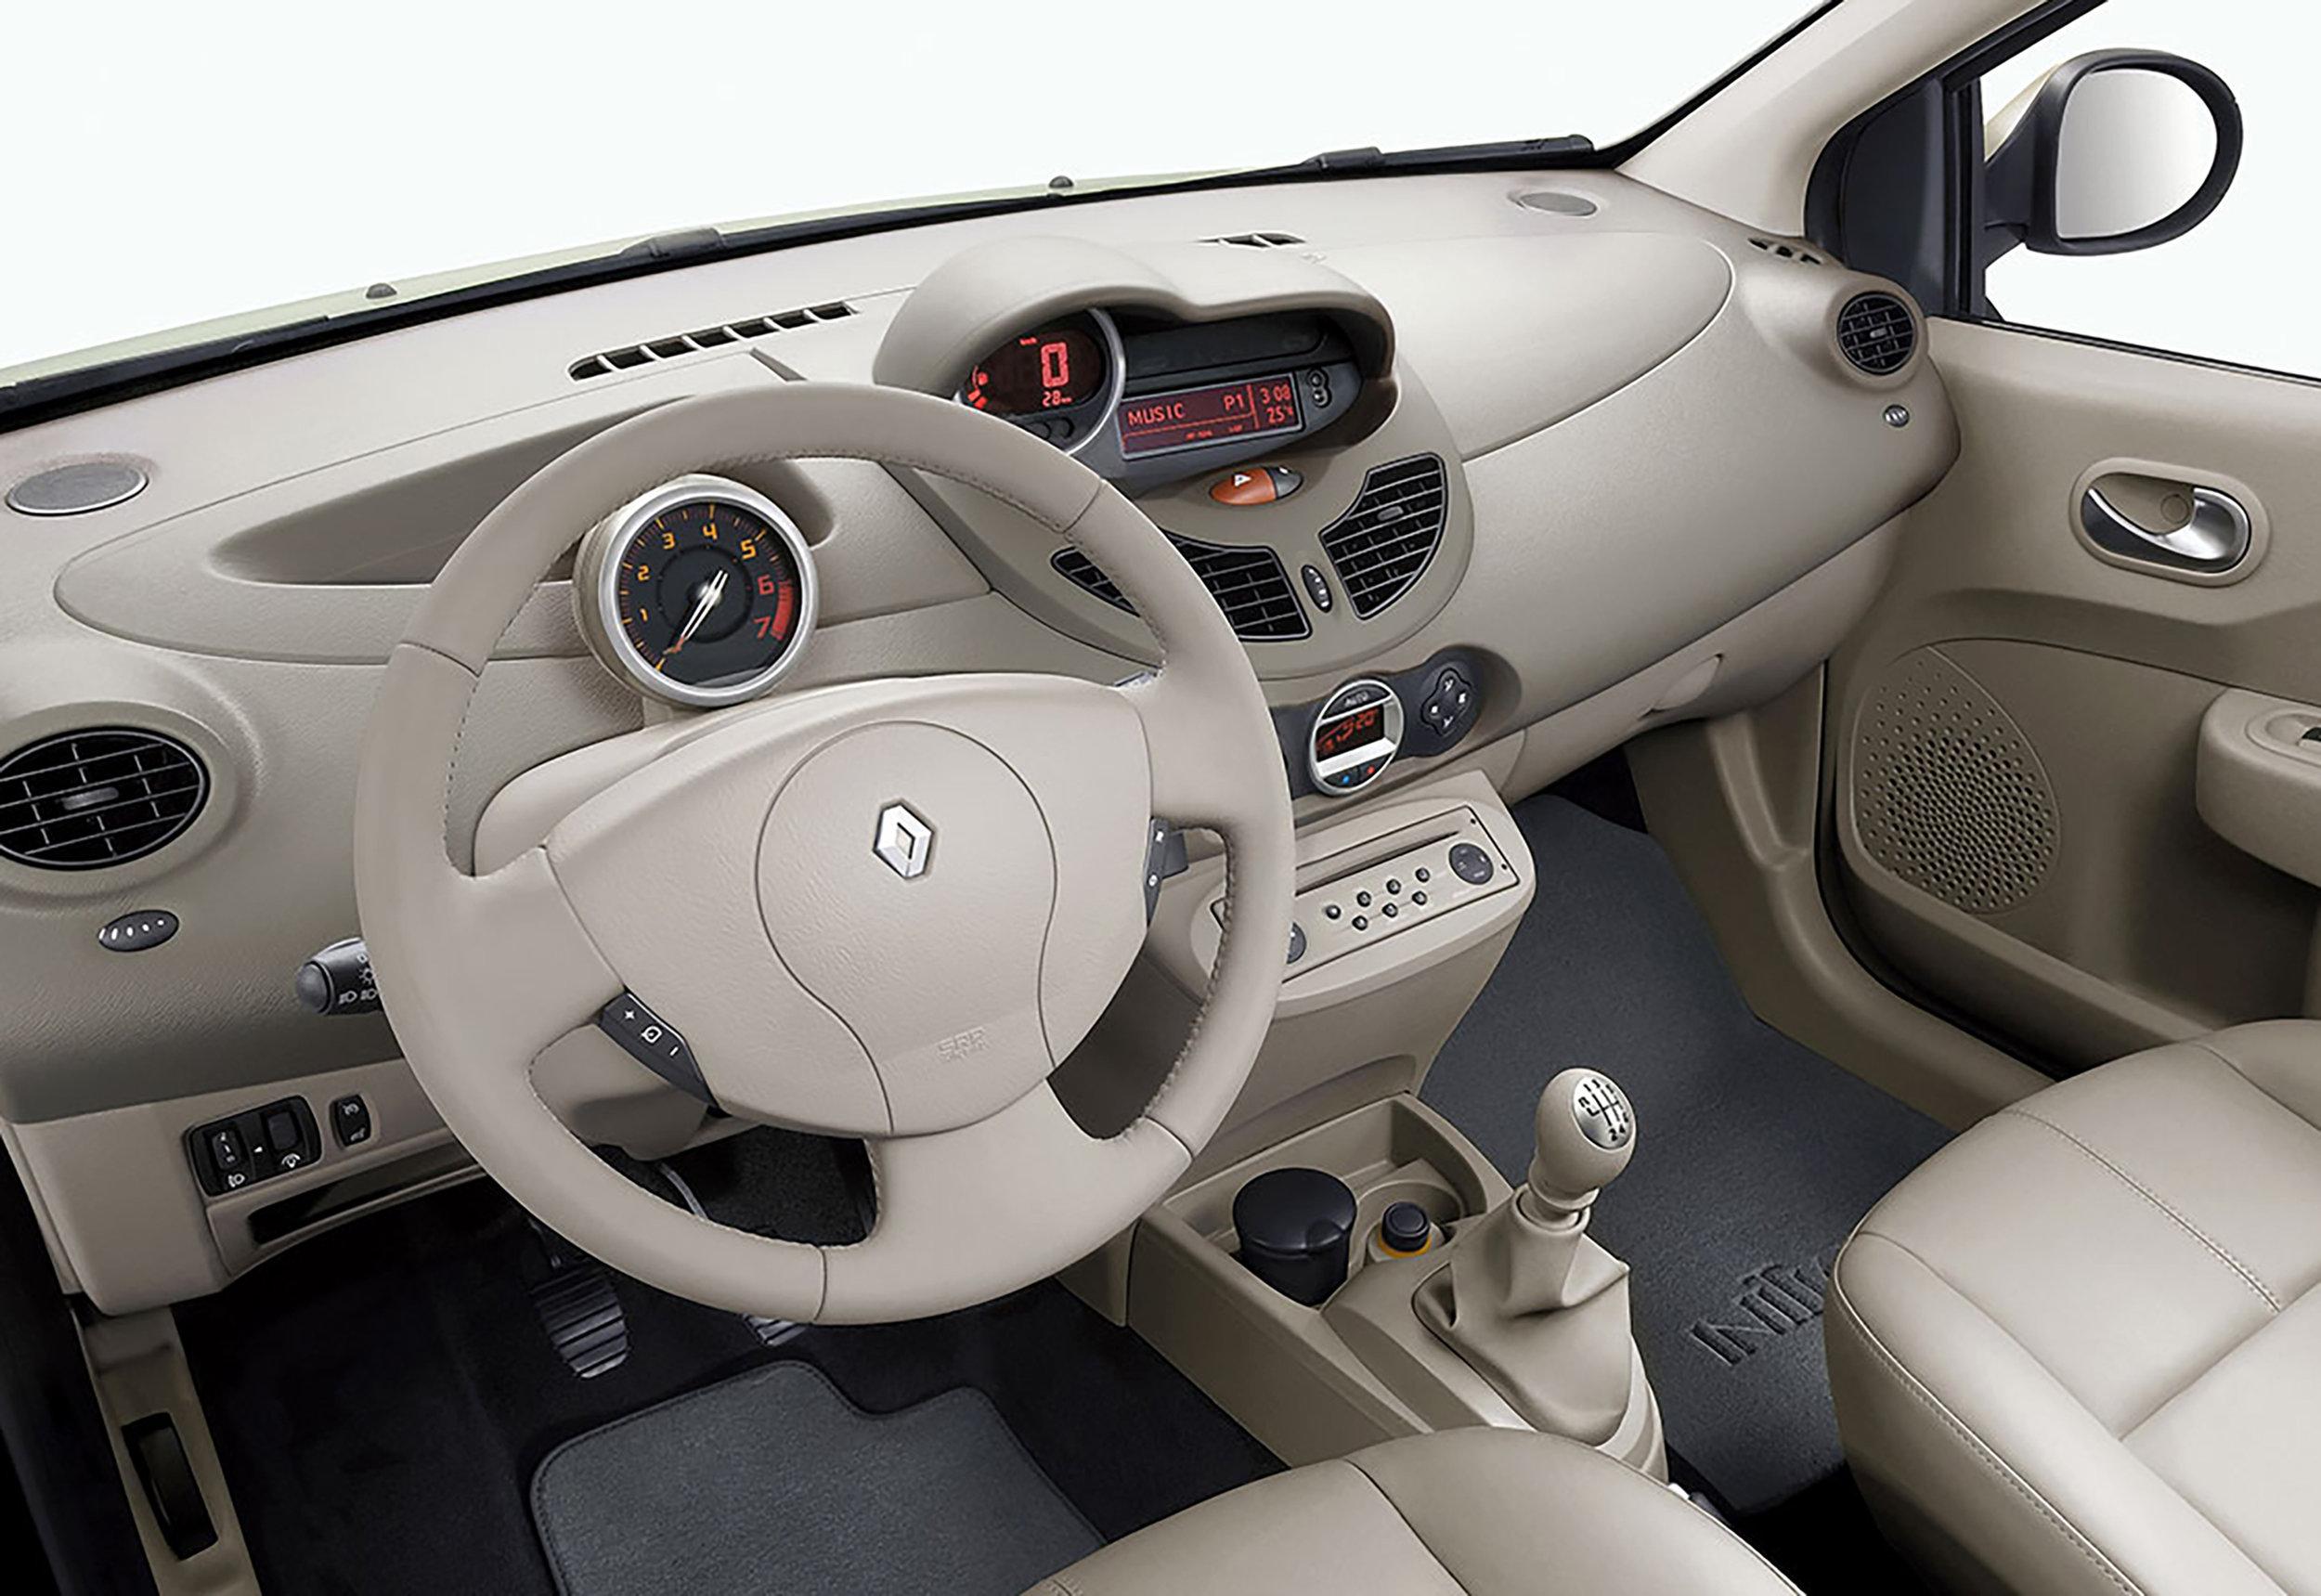 Renault-Twingo-19.jpg